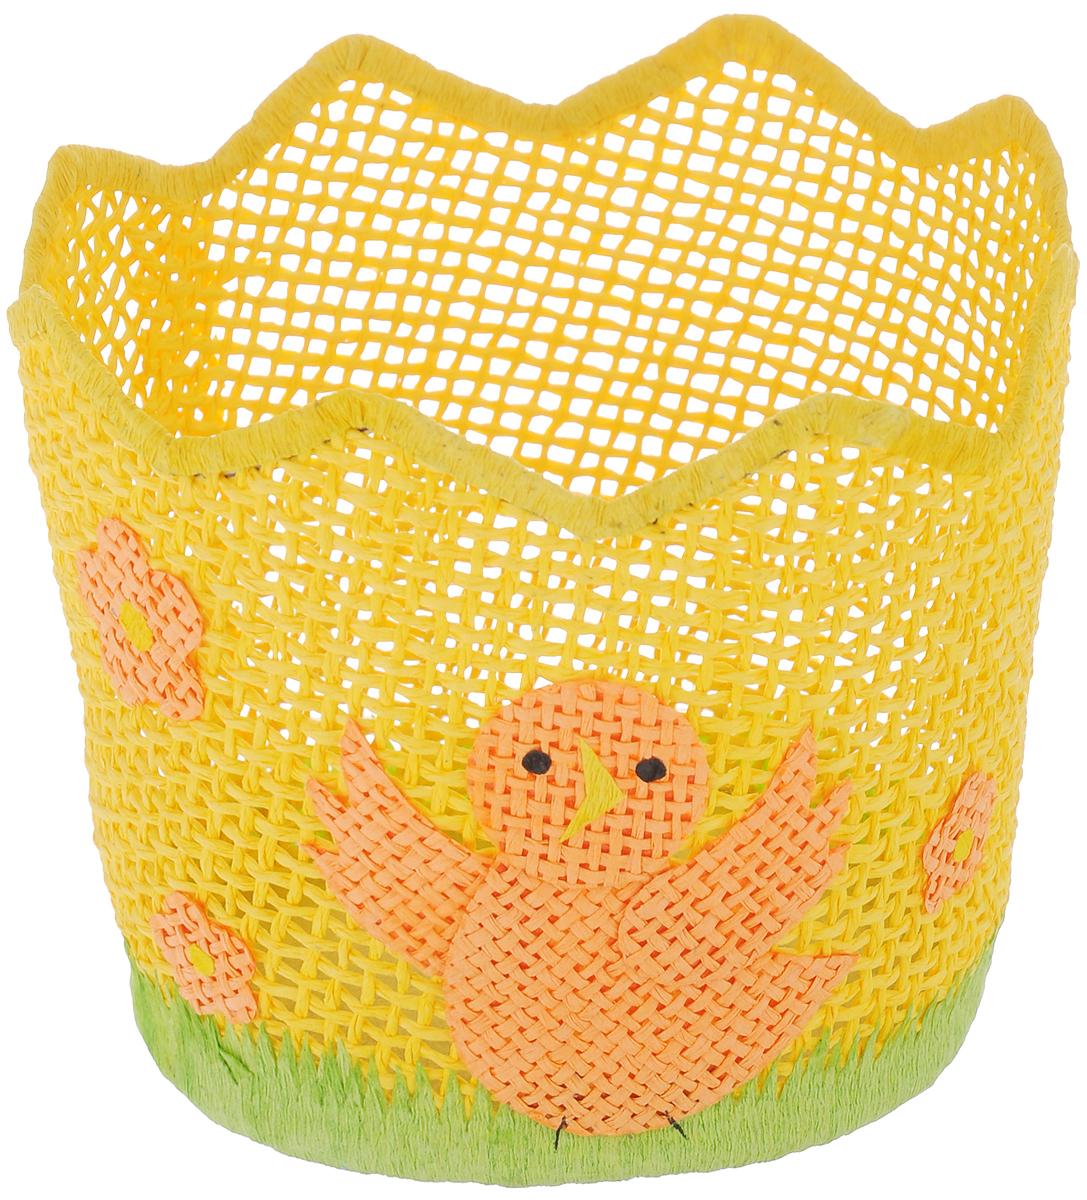 Корзина декоративная Home Queen Птичка-невеличка, цвет: желтый, диаметр 13 см64324_2Декоративная корзинка Home Queen Птичка-невеличка станет замечательным украшением интерьера на Пасху. Корзинка выполнена из прочной бумаги под плетение, дно изготовлено из плотного картона. Изделие декорировано изображением птички и цветов. Такая корзинка дополнит праздничный интерьер вашего дома и создаст особое весеннее настроение. Изделие отлично подходит для хранения пасхальных яиц или кулича.